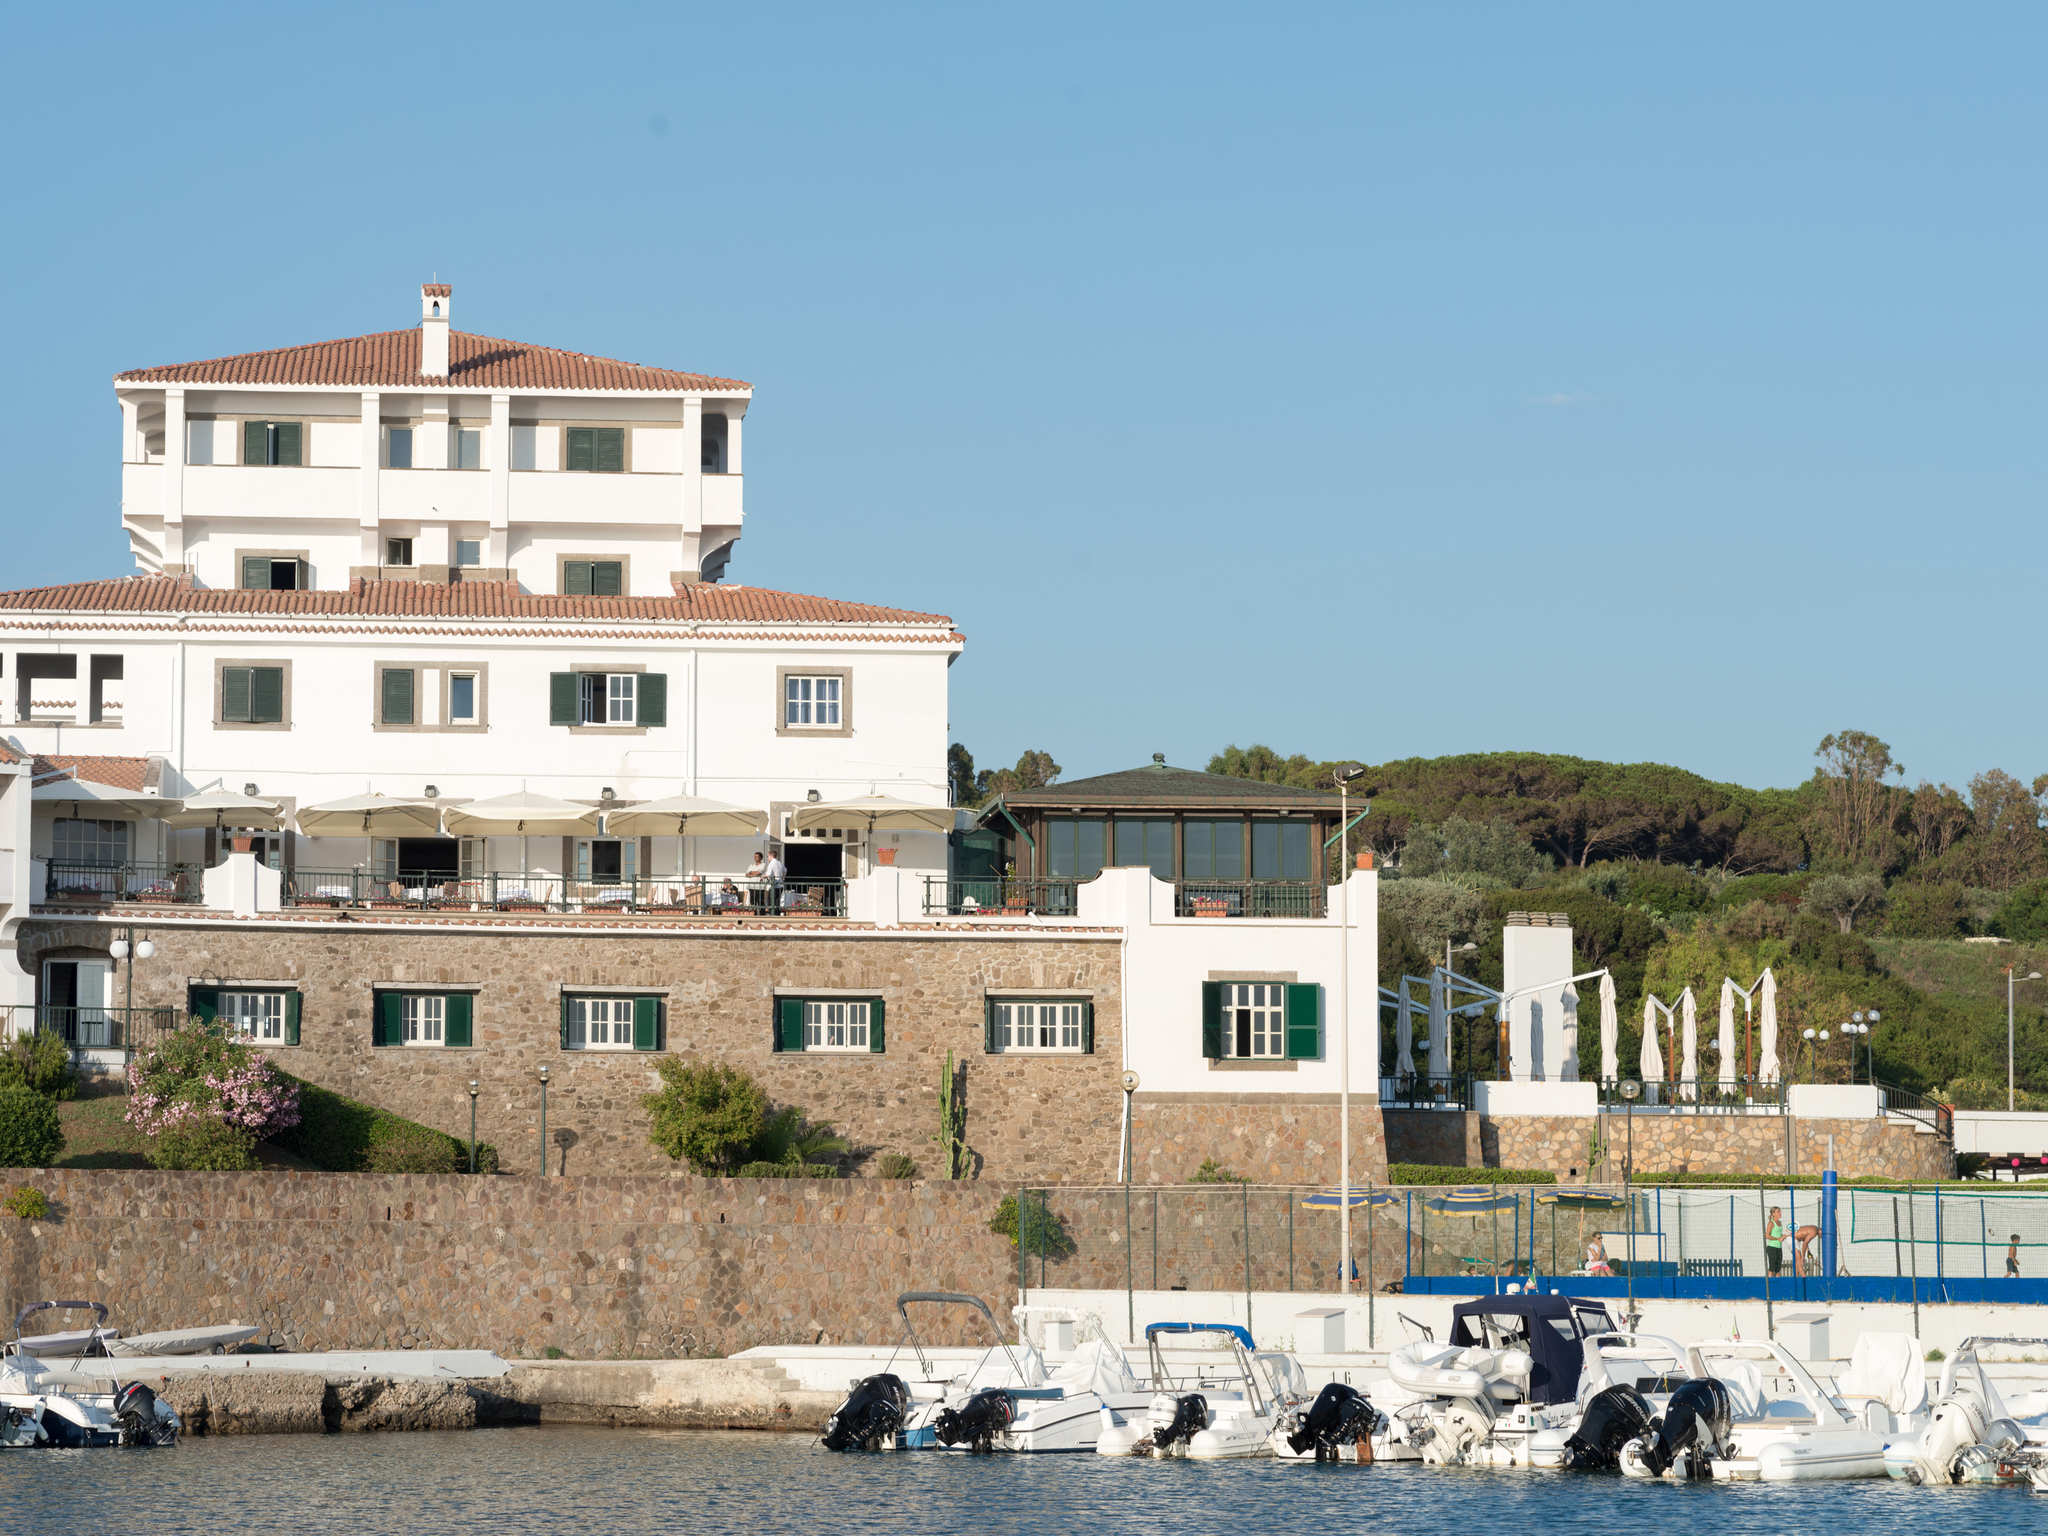 فندق - Mercure Civitavecchia Sunbay Park Hotel - New Opening